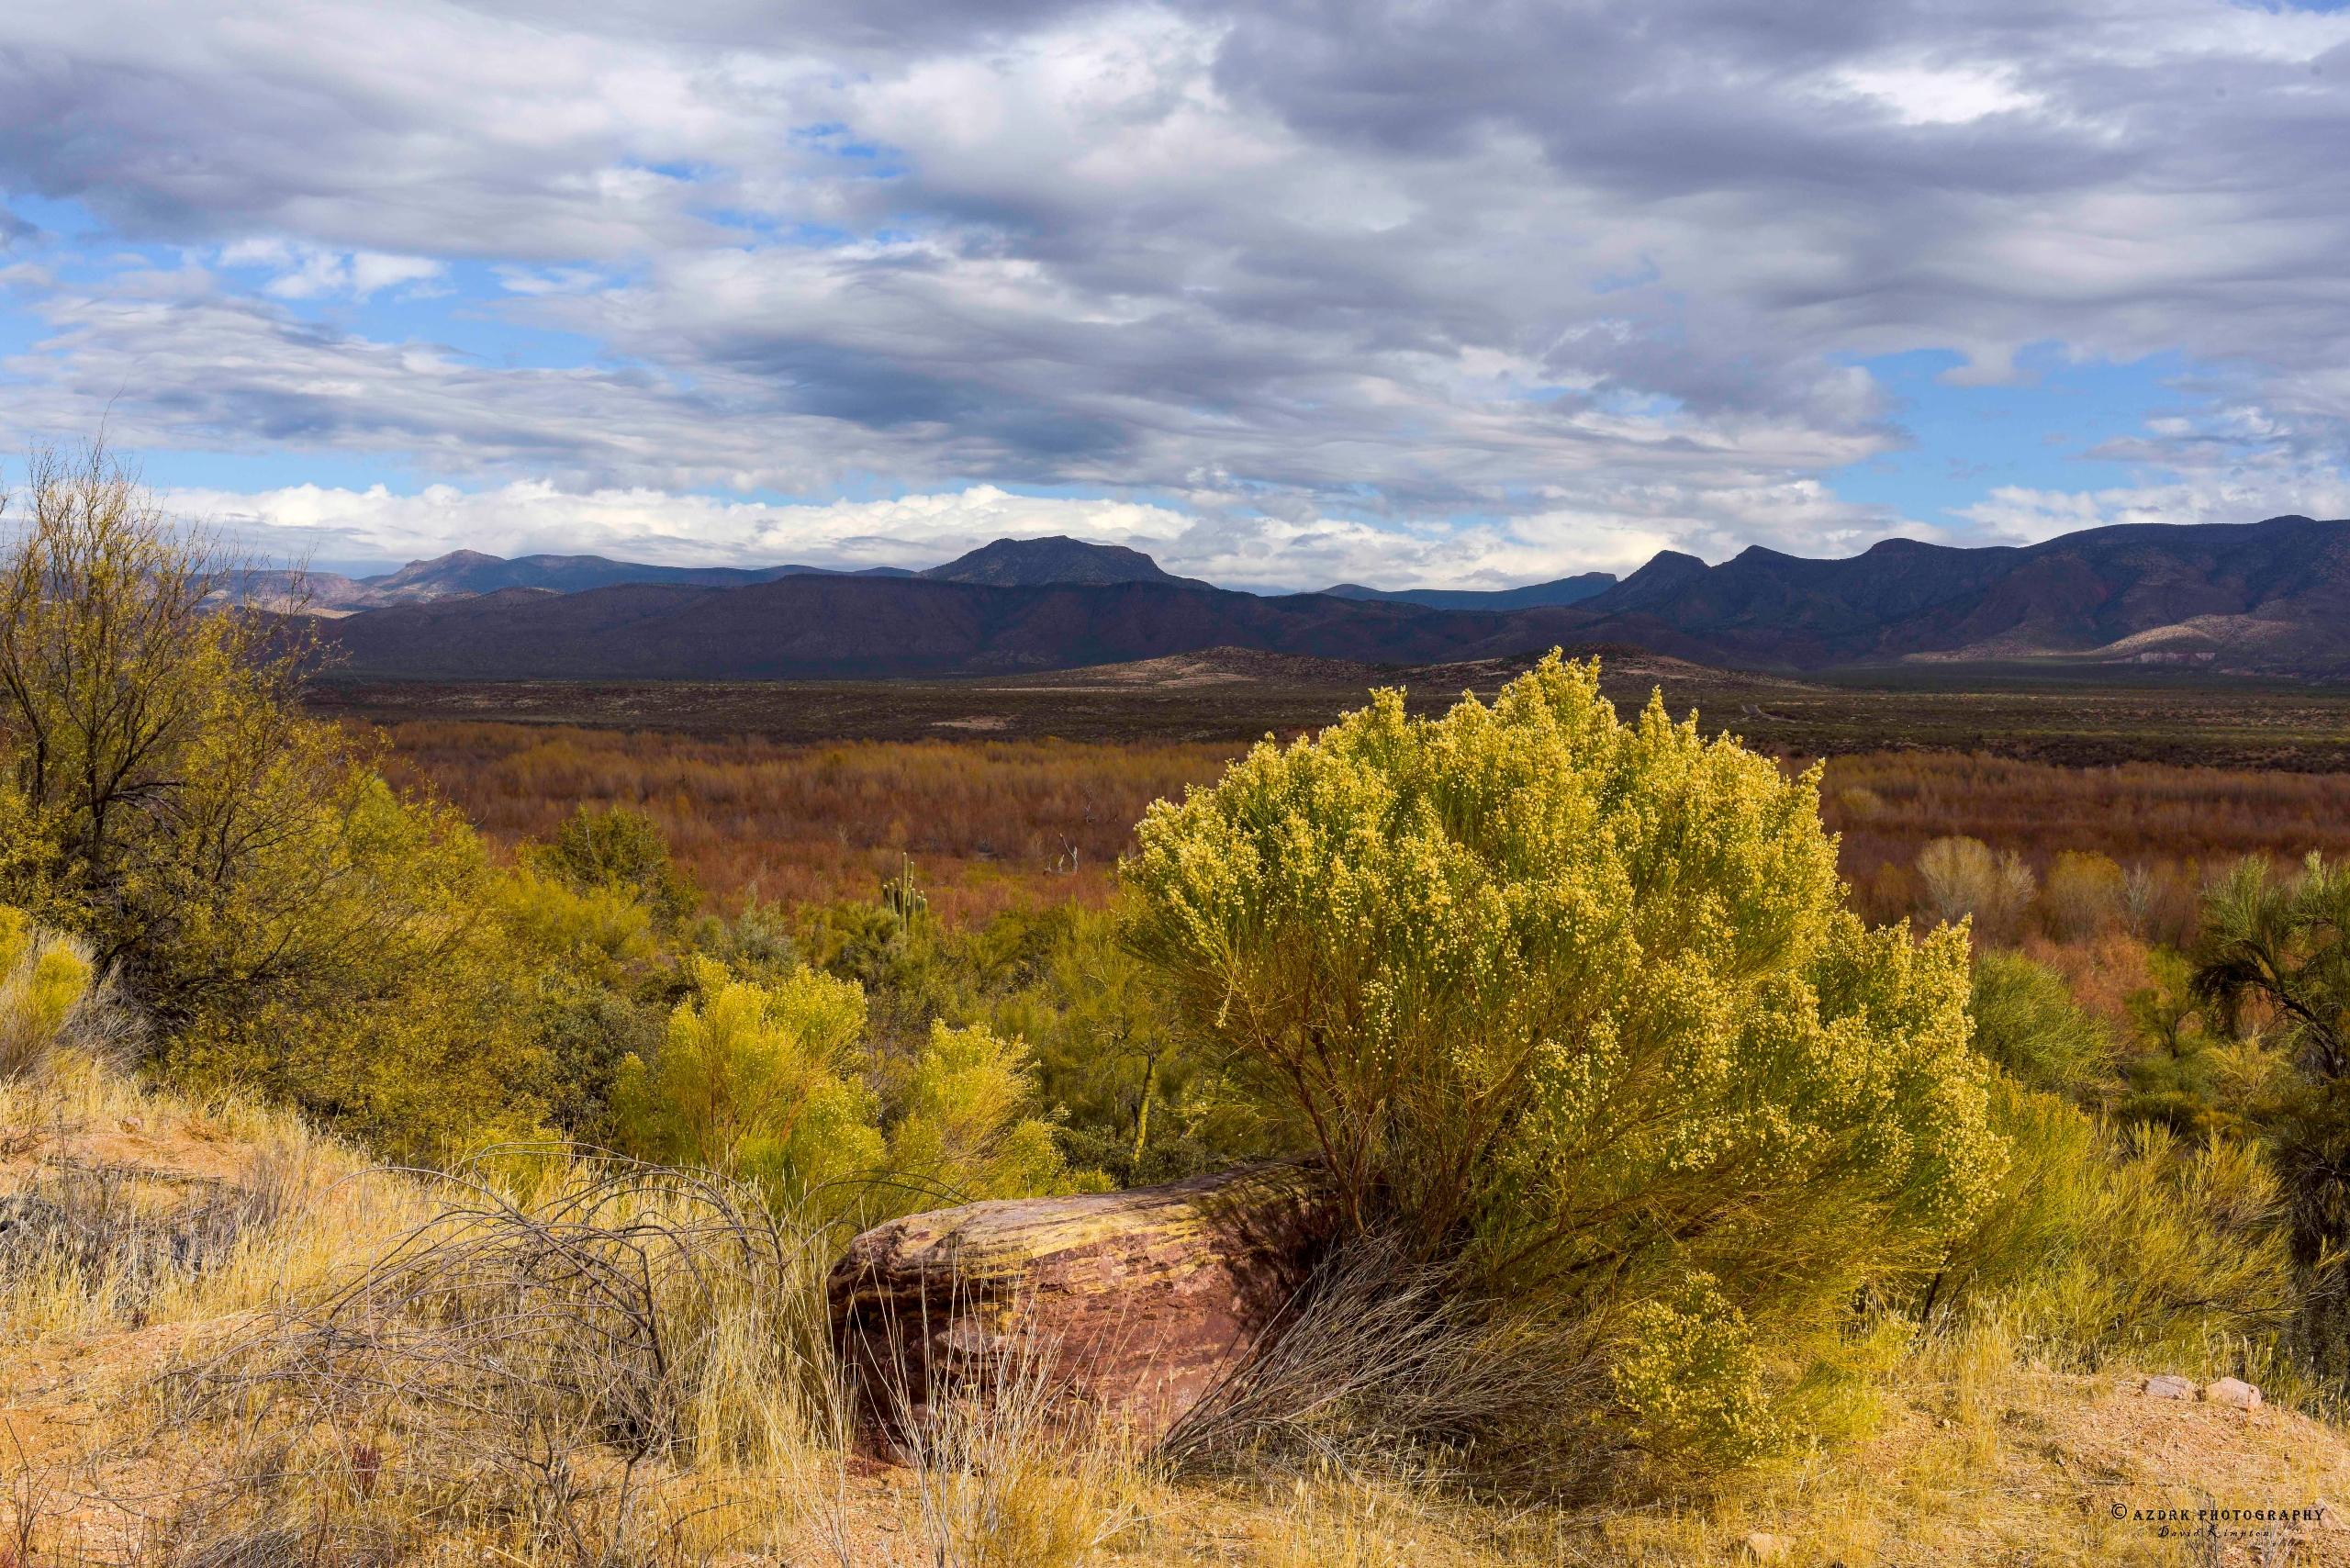 Southern Arizona, 2018 view des - azdrk   ello